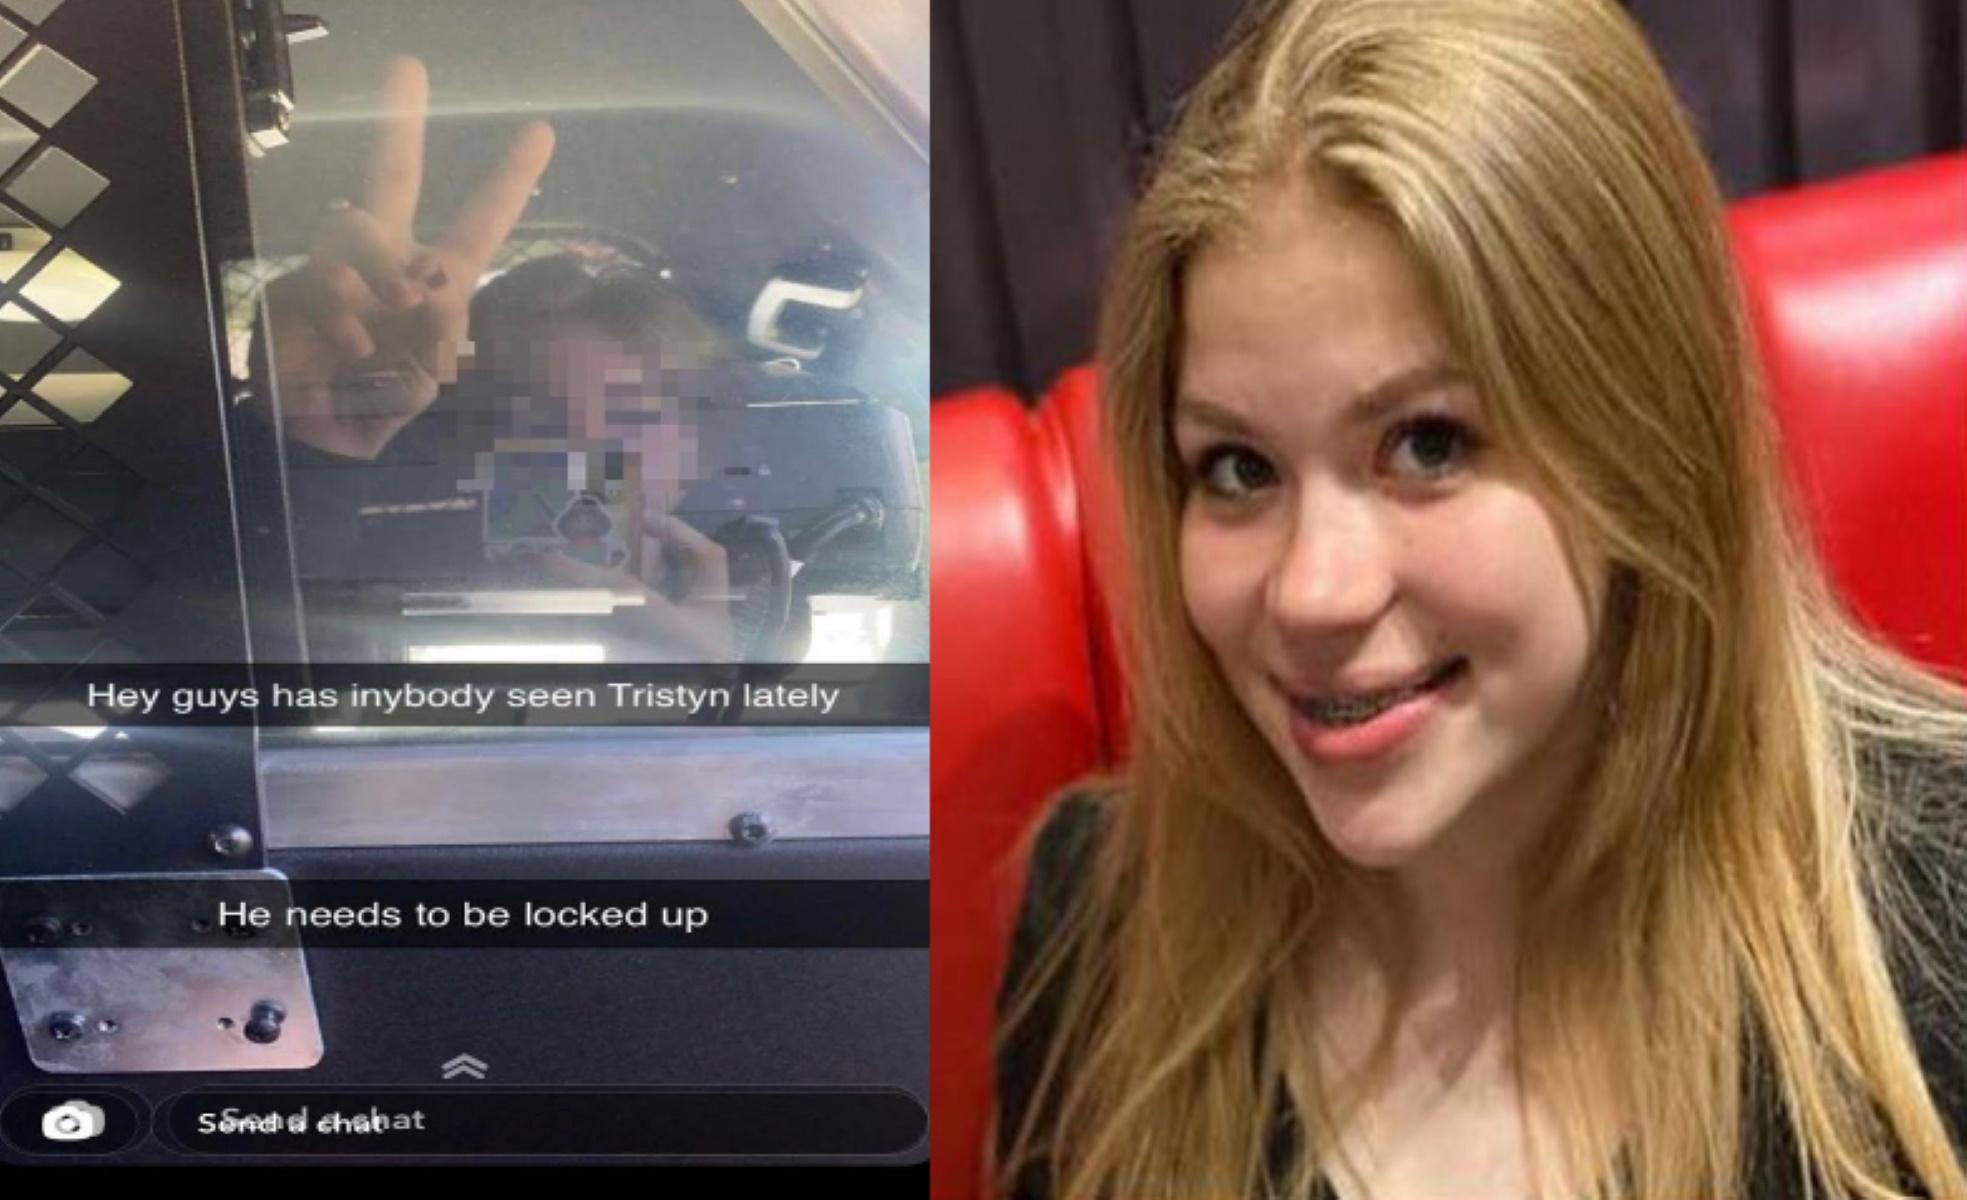 Σκότωσε 13χρονη και έβγαλε selfie μέσα από το περιπολικό – Η εξοργιστική ανάρτηση του δολοφόνου